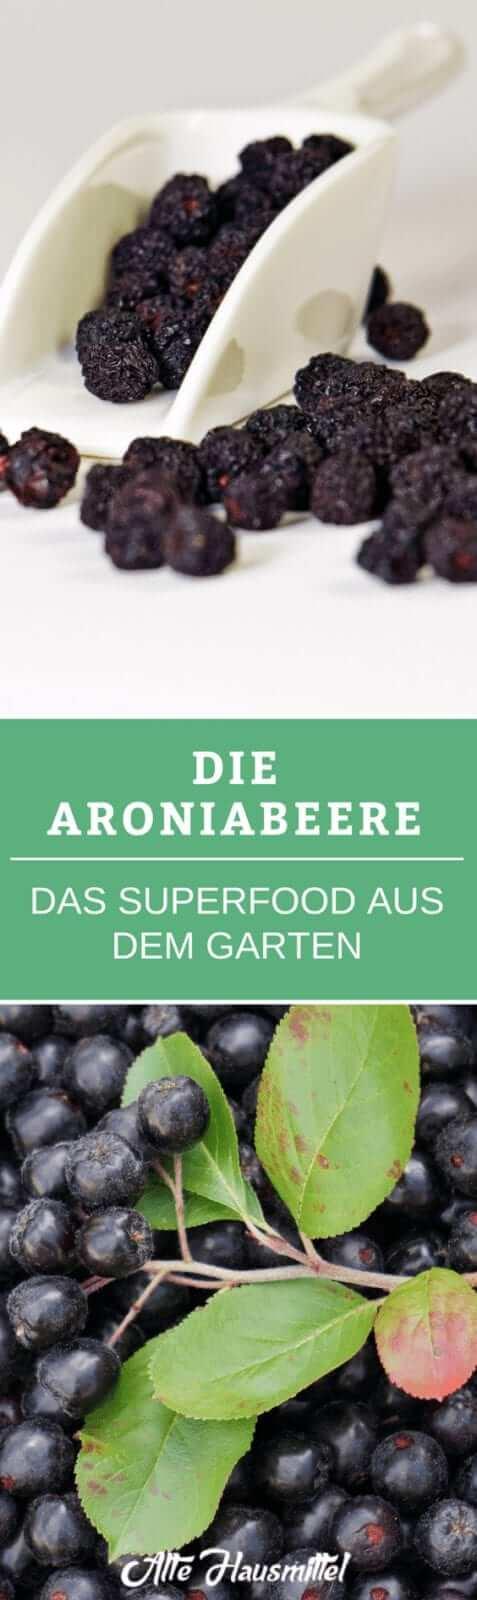 Die Aroniabeere - Das Superfood aus dem Garten